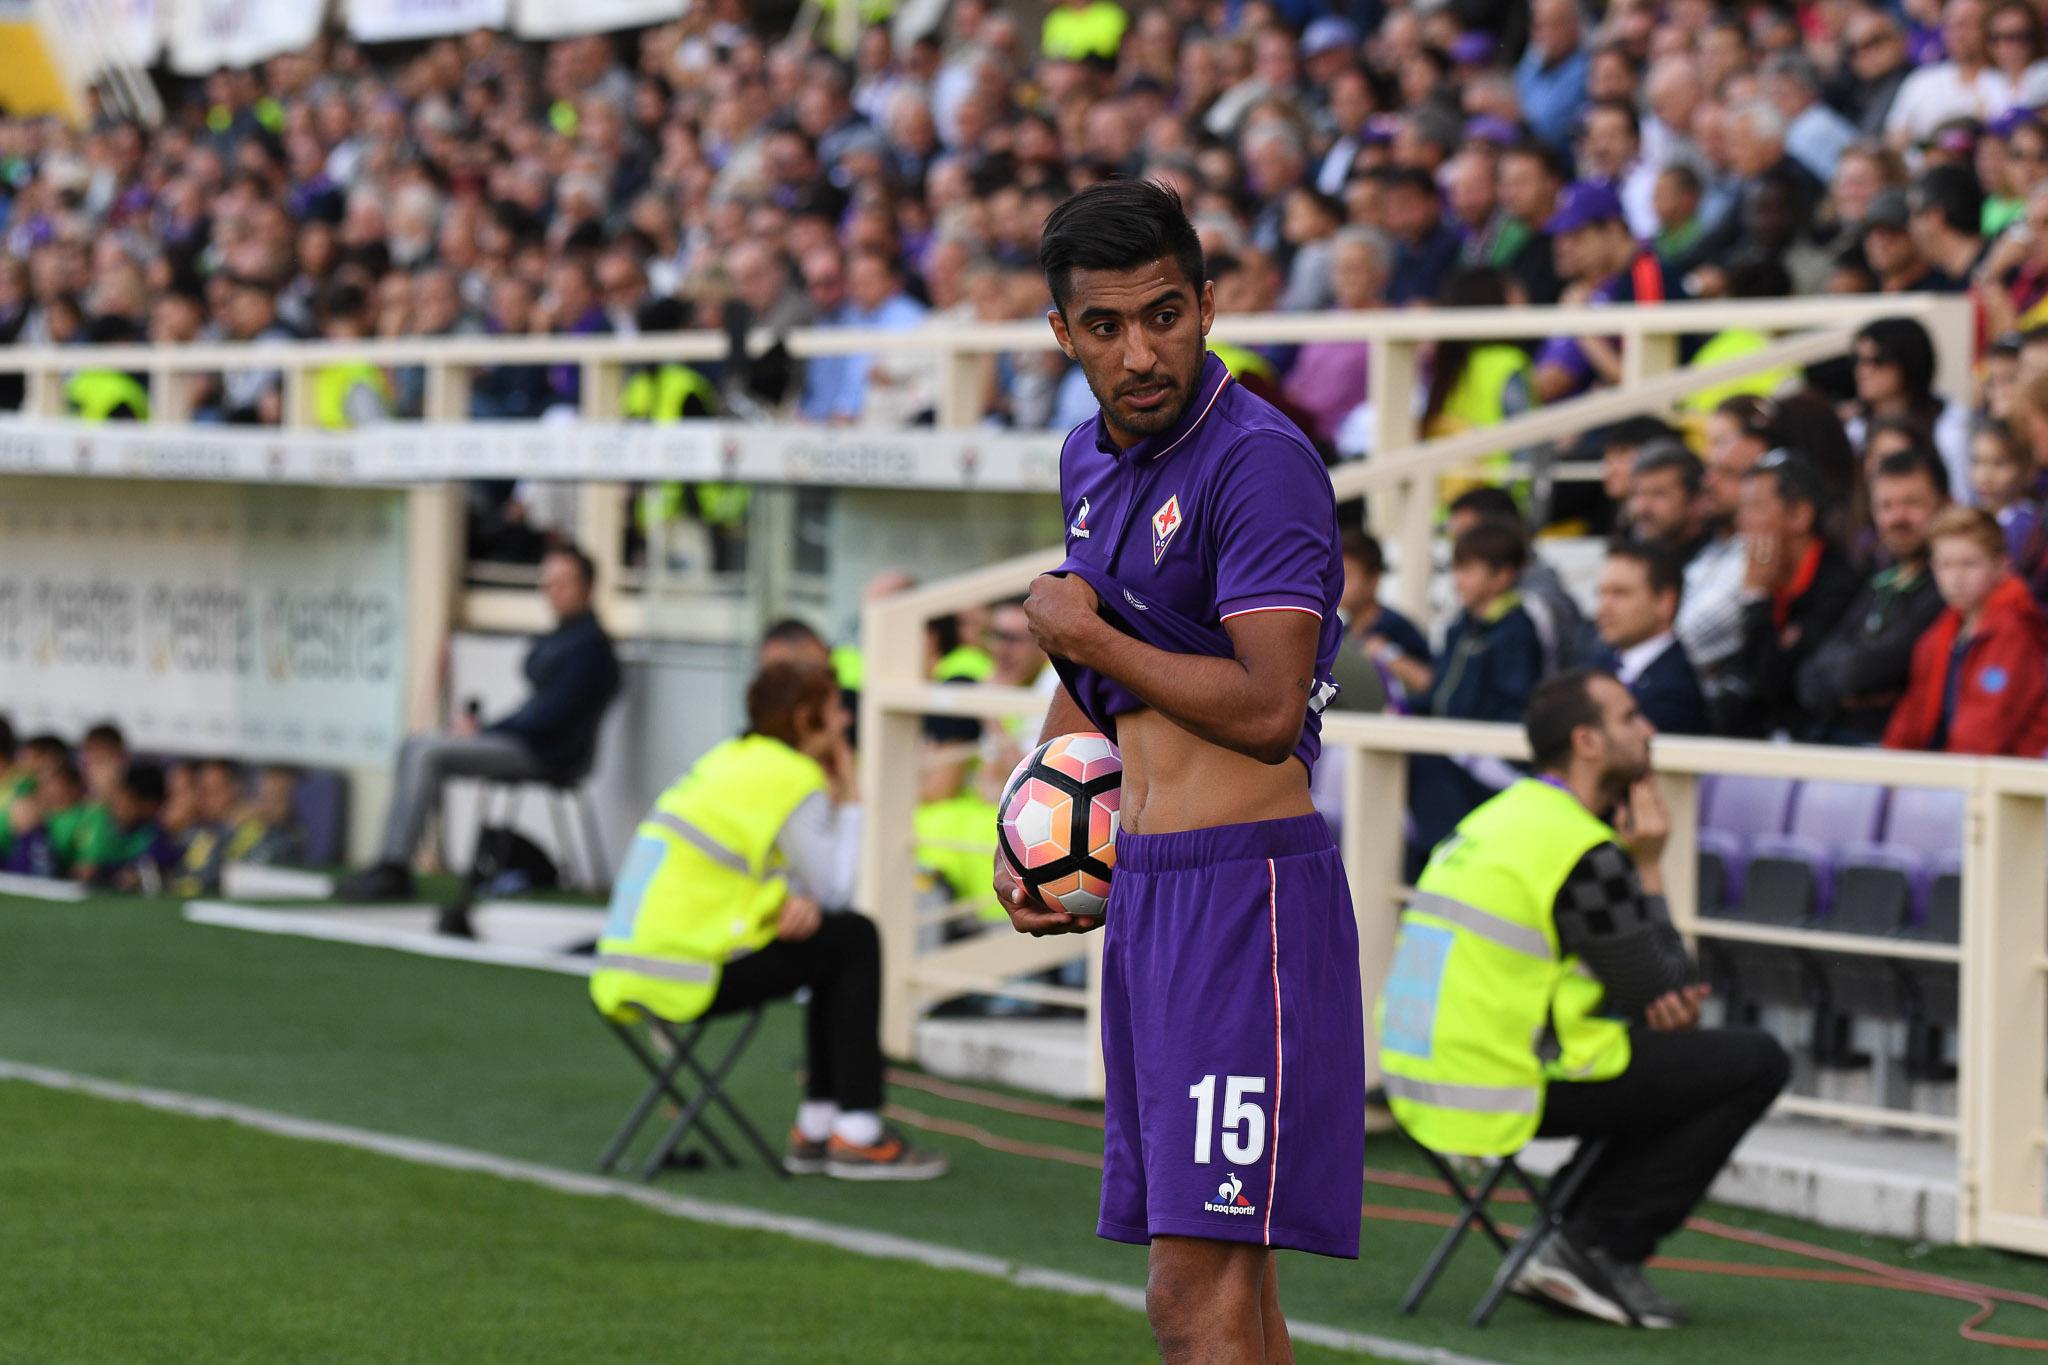 Scambio con Milan e Trabzonspor: Antonelli alla Fiorentina e Maxi Olivera in Turchia. La situazione…